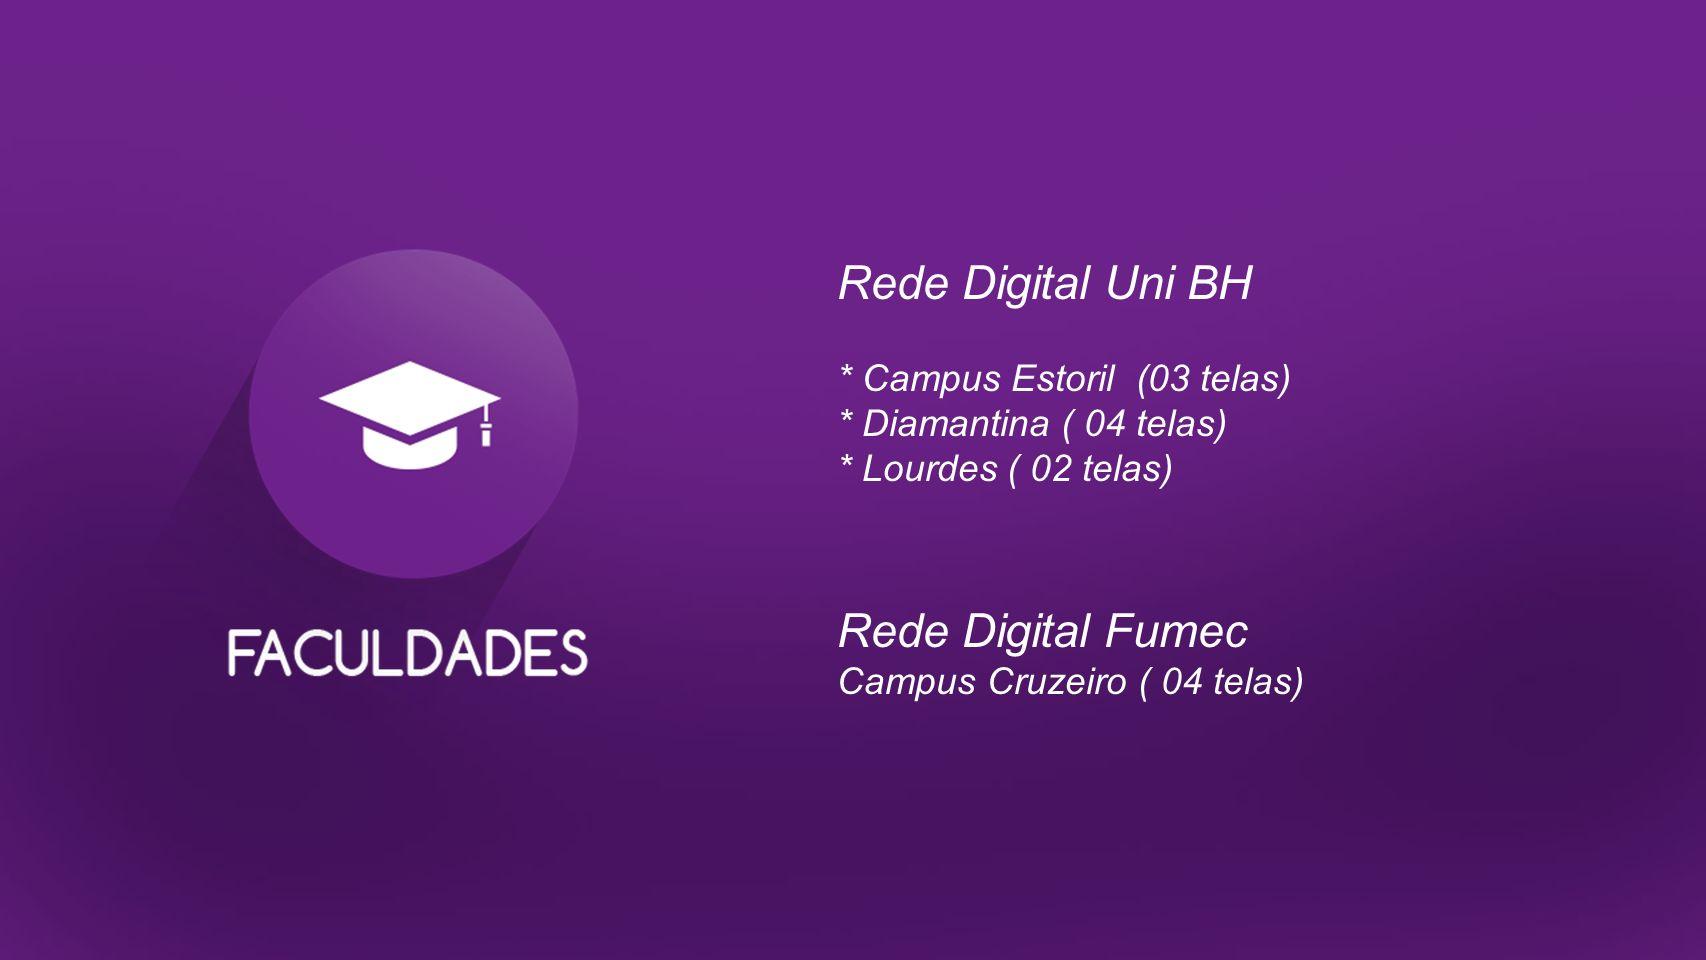 Rede Digital Uni BH * Campus Estoril (03 telas) * Diamantina ( 04 telas) * Lourdes ( 02 telas) Rede Digital Fumec Campus Cruzeiro ( 04 telas)